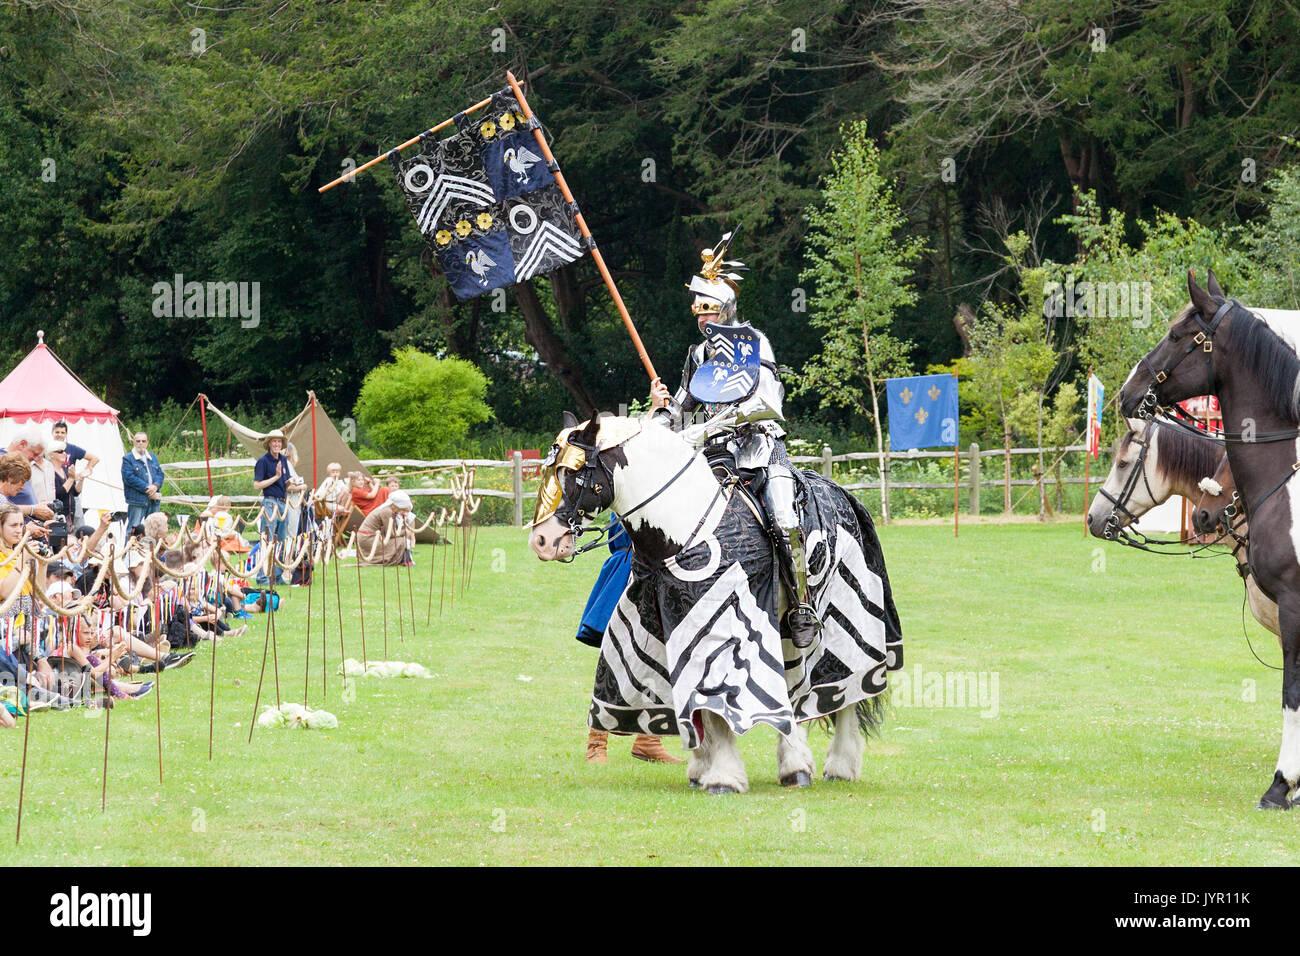 Jousting re-enactmentsat Arundel Castle, Sussex, England - Stock Image